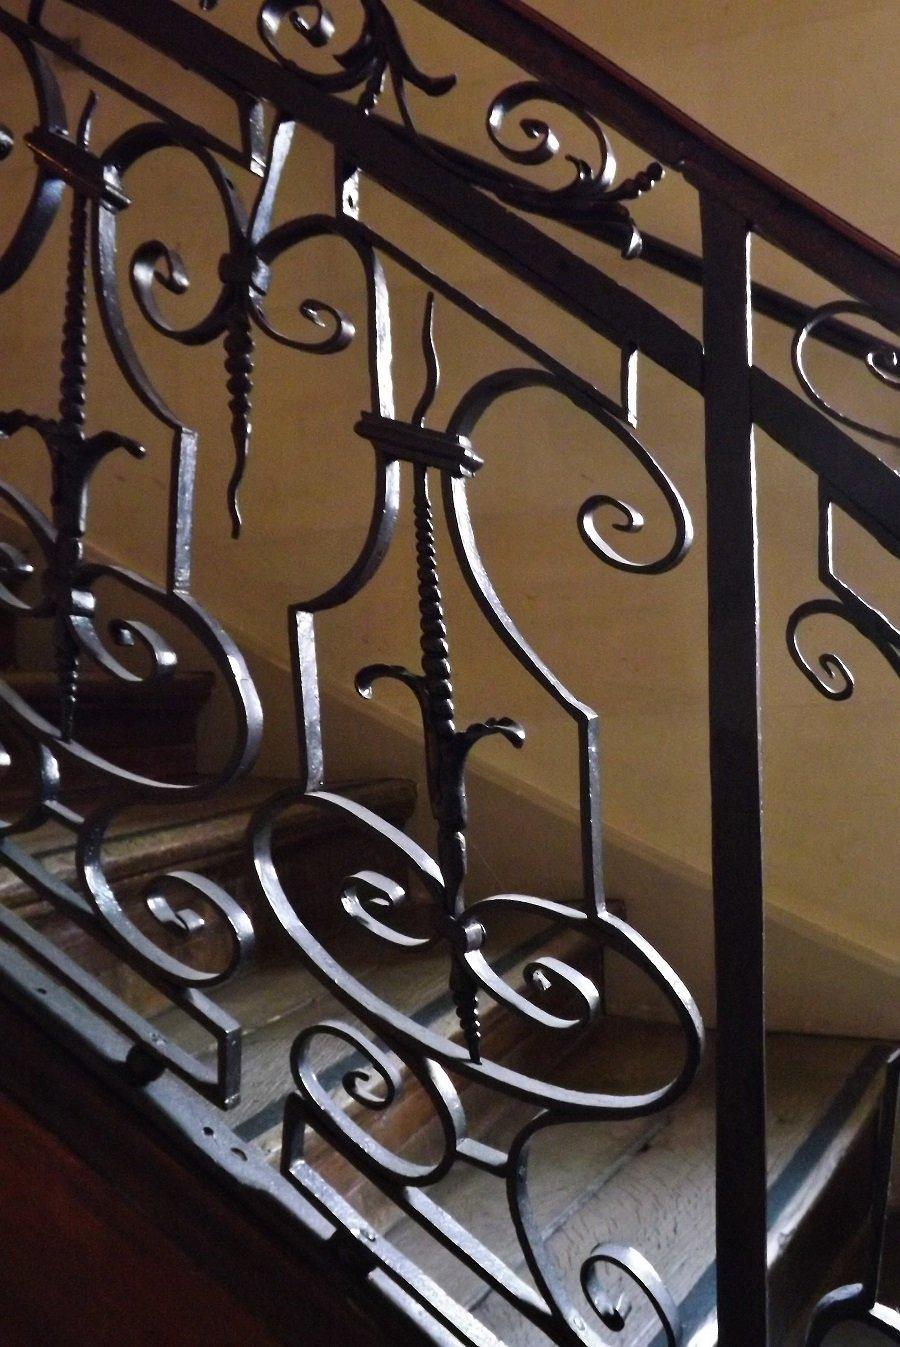 escalier musée c jay détail